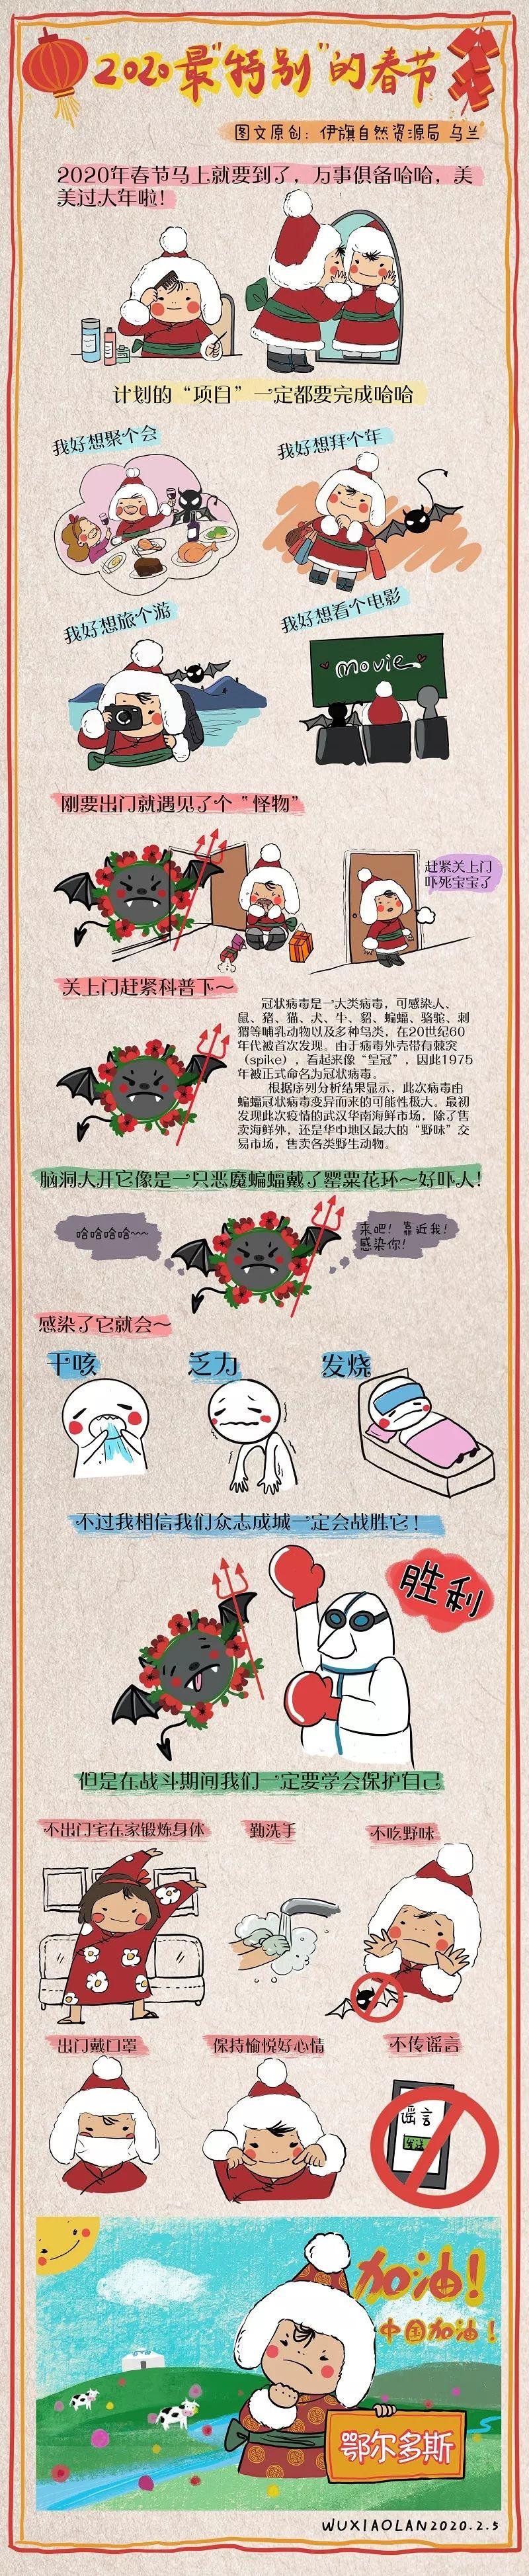 我的原创·漫画 | 蒙古族男娃哈布尔的春节假期 第5张